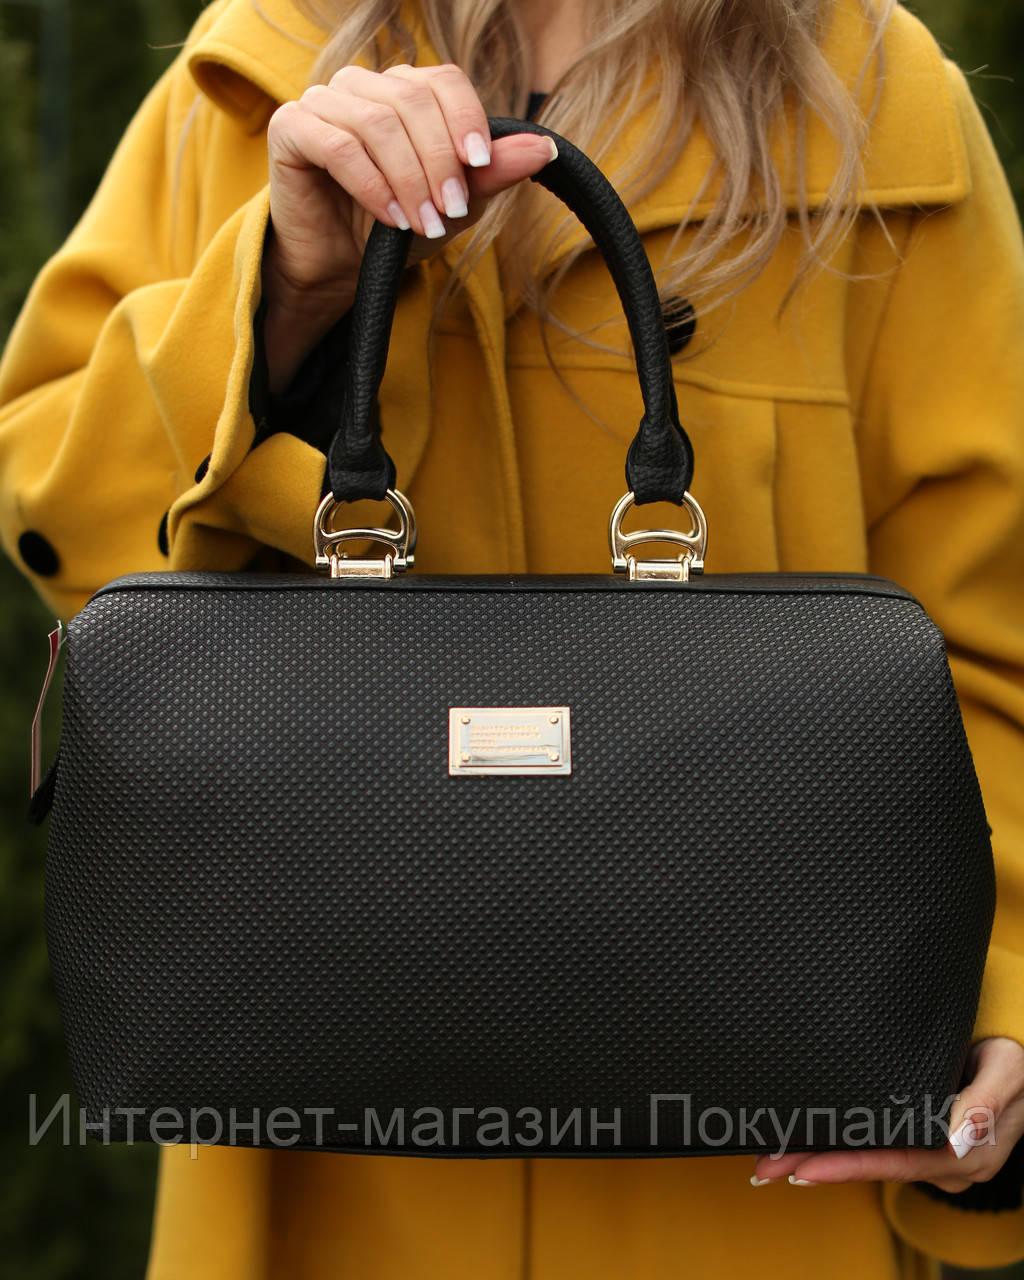 Женская кожаная  сумка Irma цвет Черный  - Интернет-магазин ПокупайКа в Николаеве